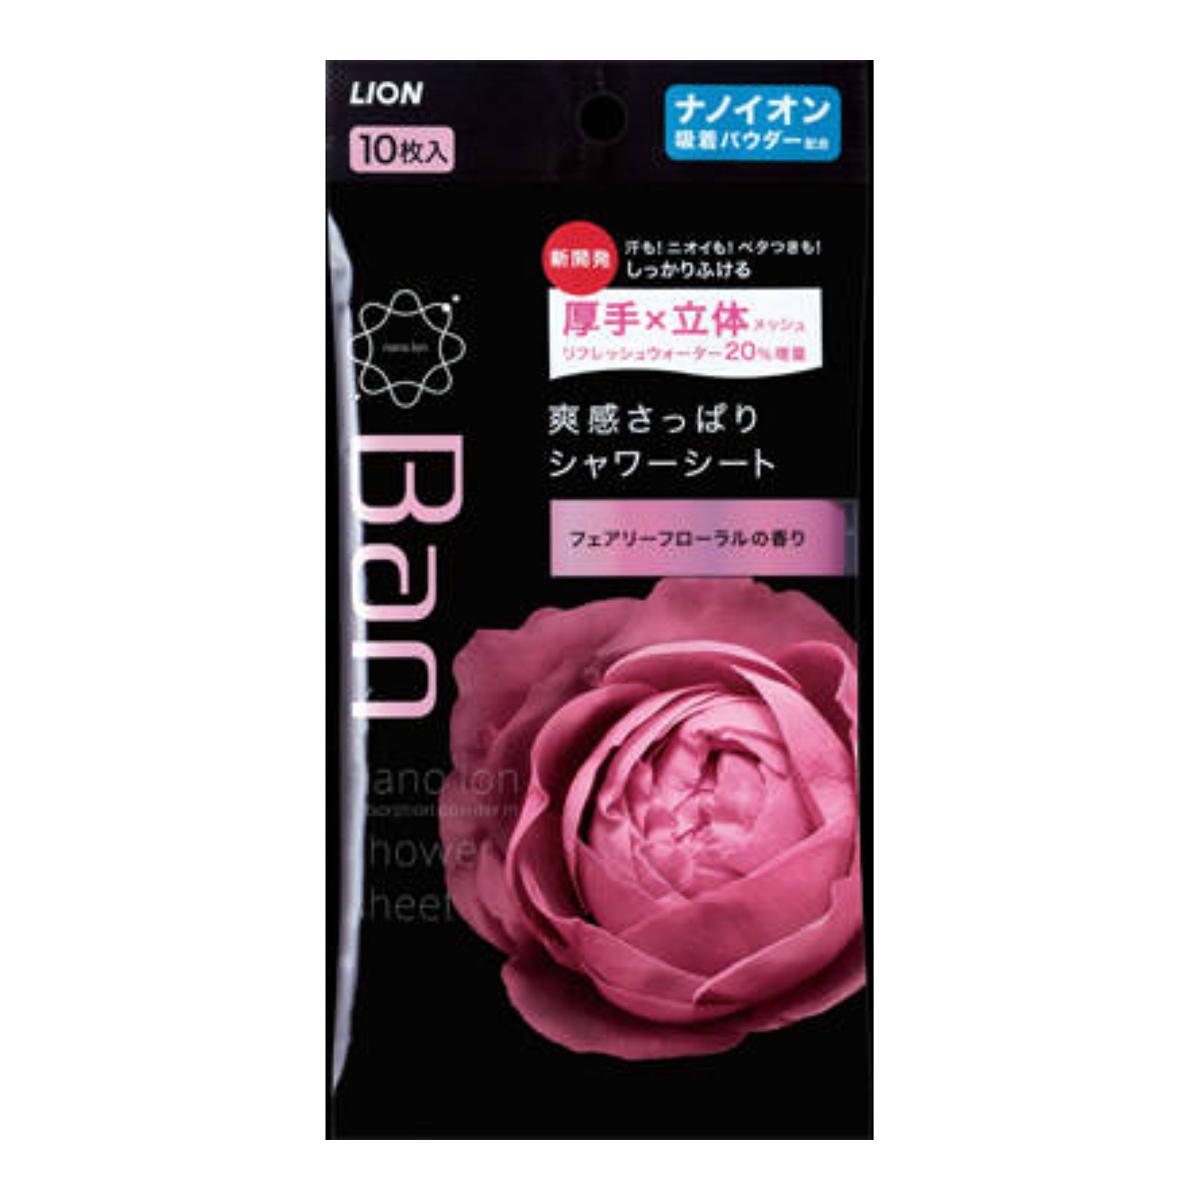 【送料無料】ライオン Ban ( バン ) 爽快さっぱりシャワーシート フェアリーフローラルの香り 10枚入×48点セット まとめ買い特価!ケース販売 ( 4903301169352 )